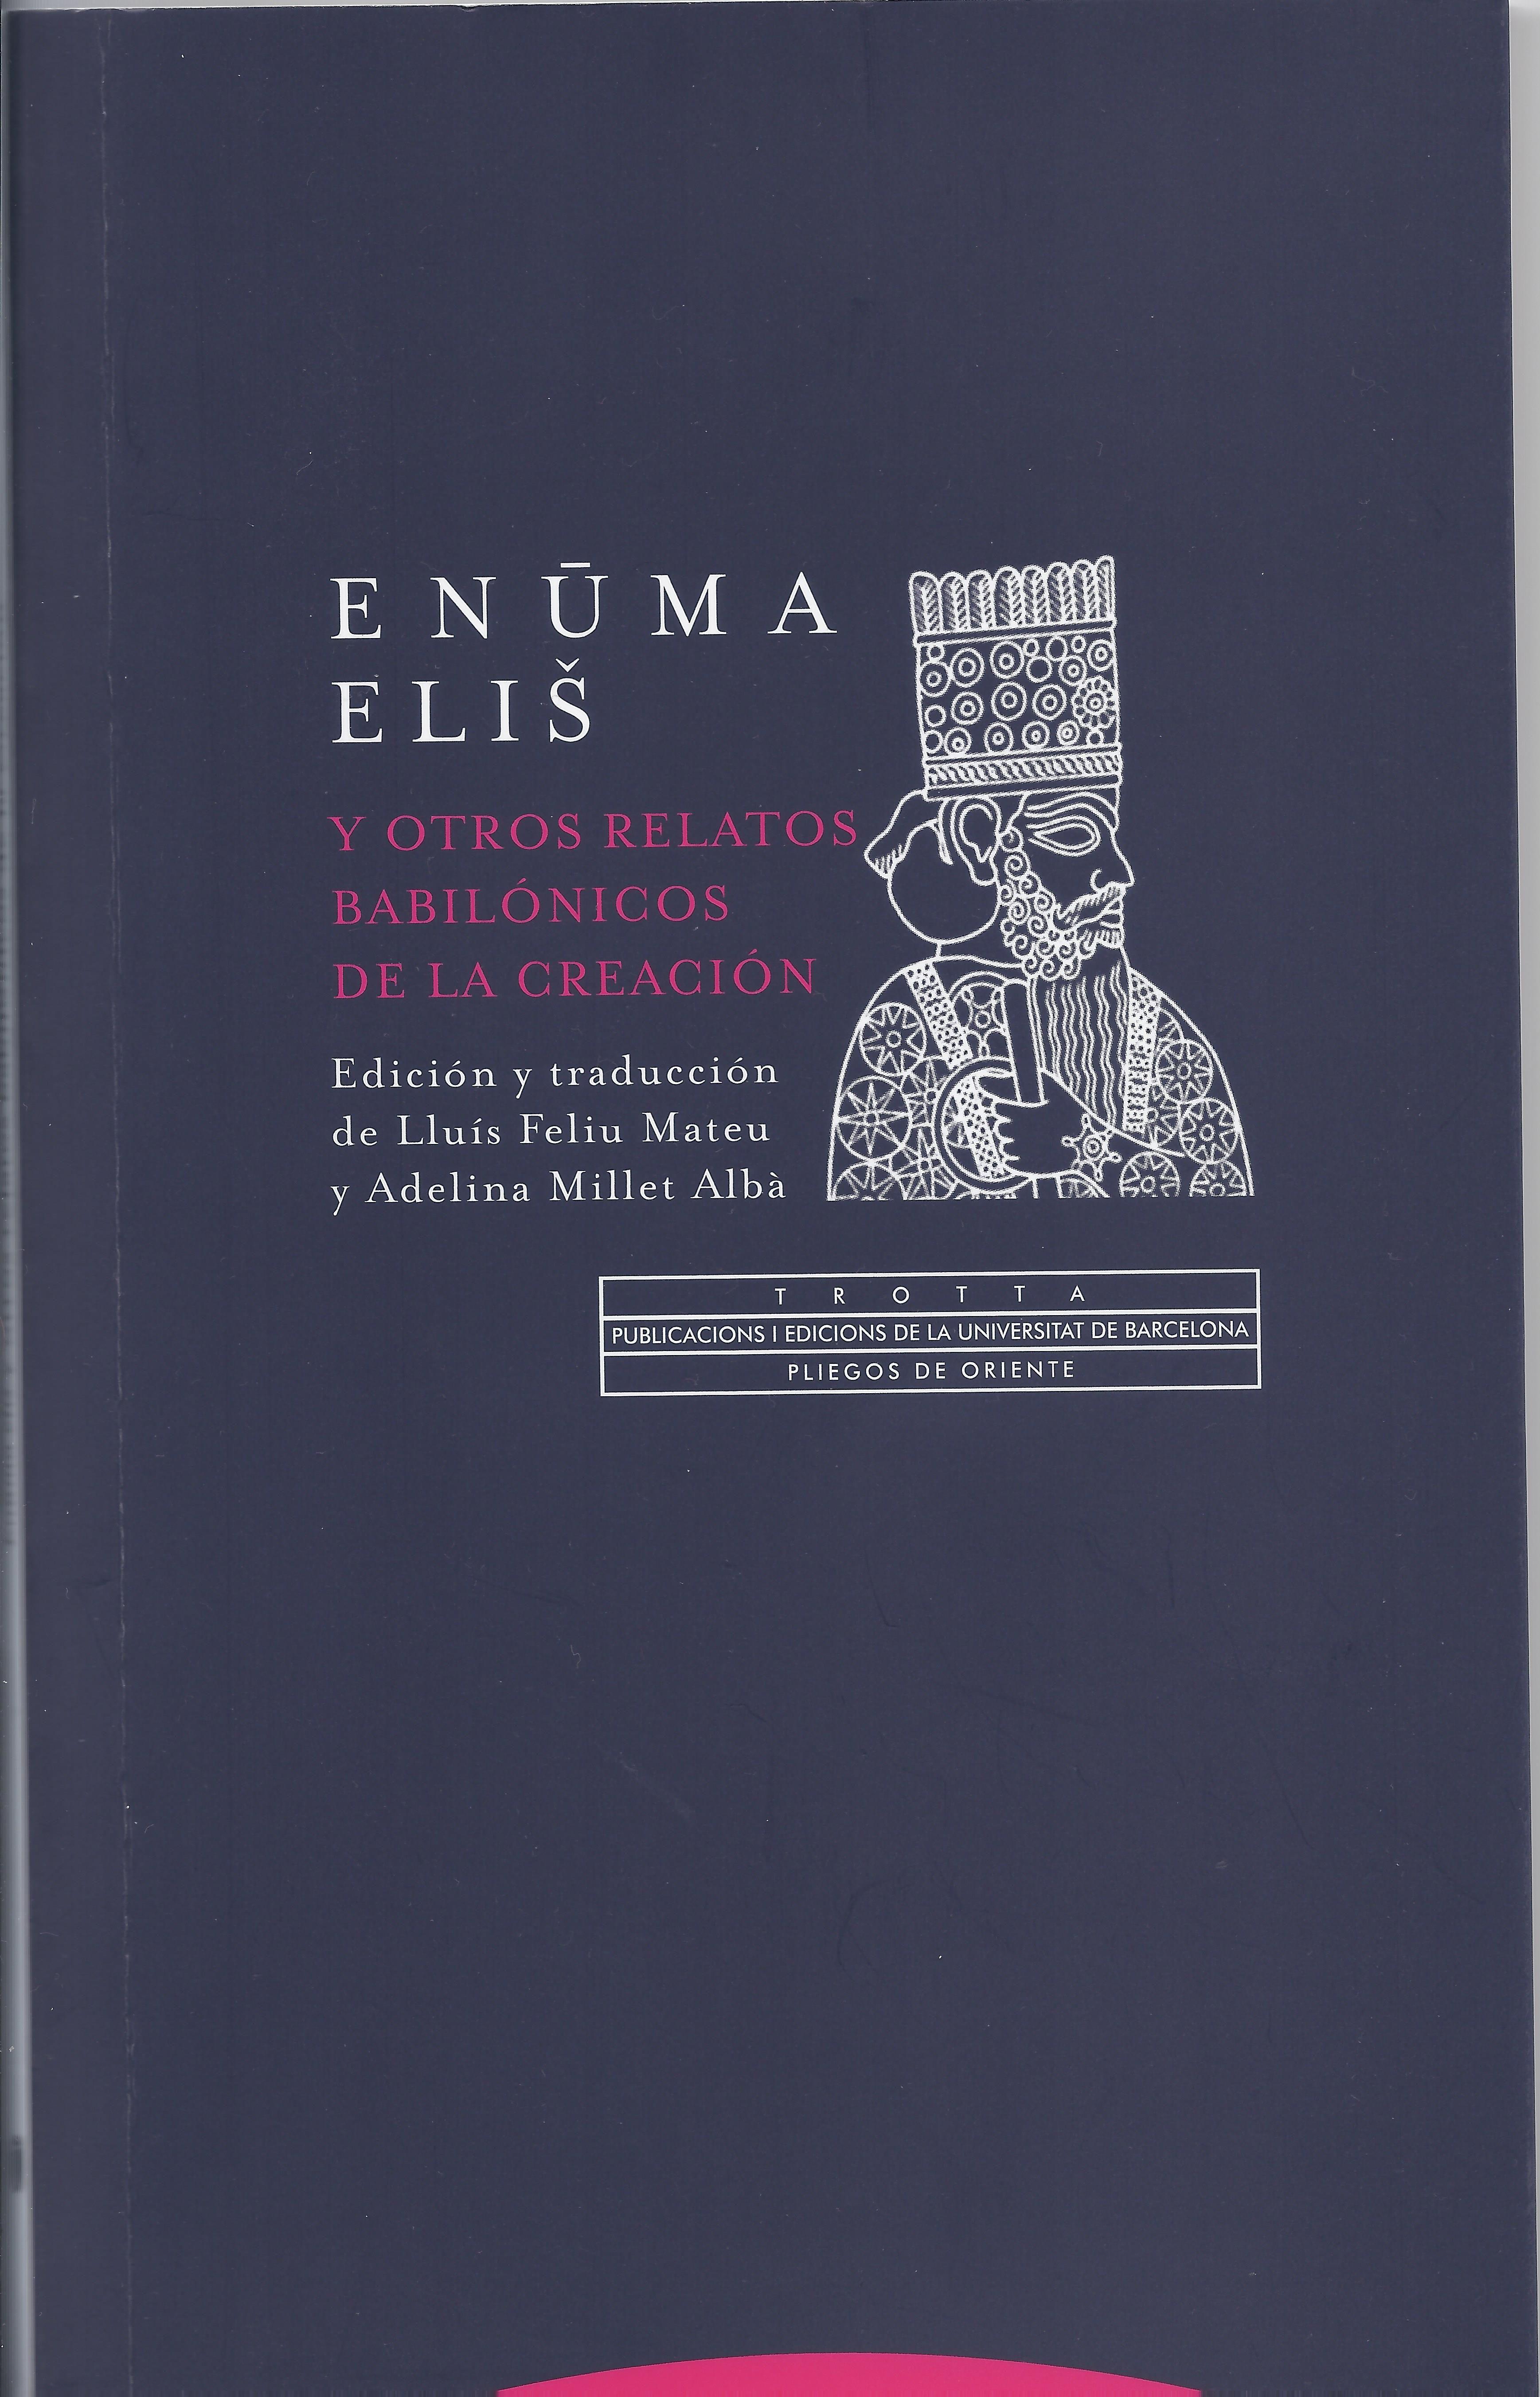 Enuma Elish y otros relatos babilónicos de la creación. La ...